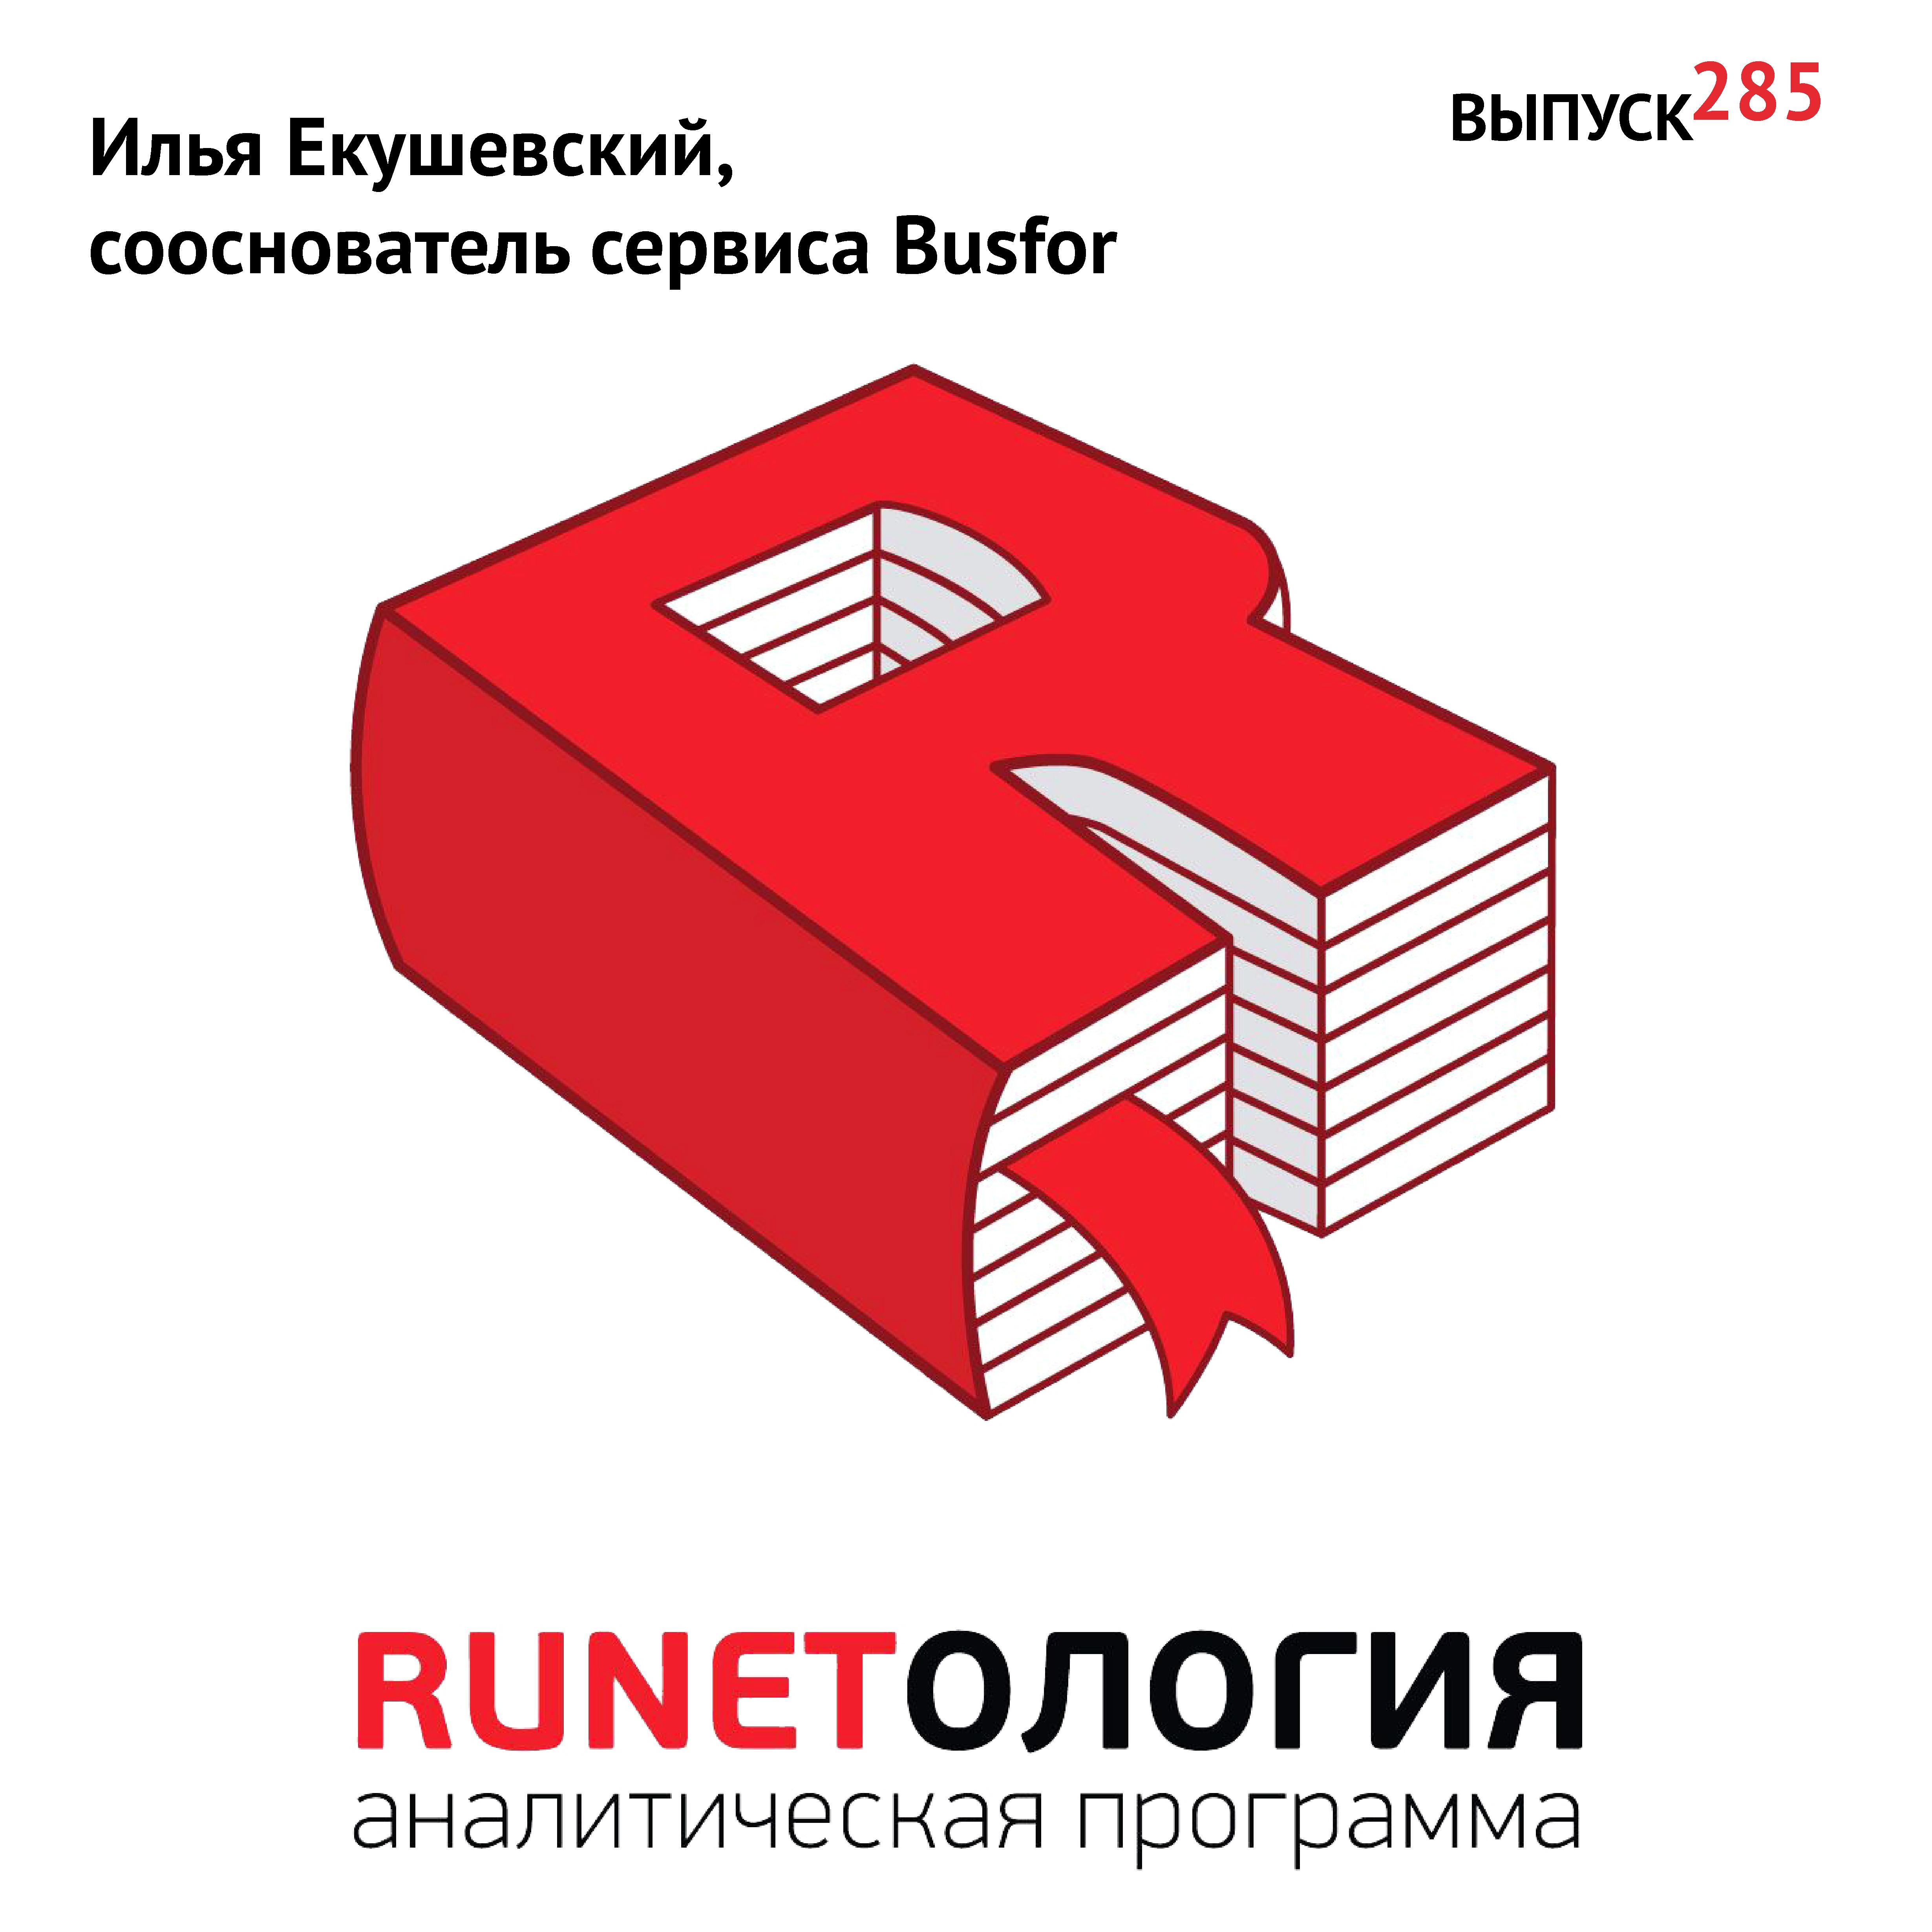 Купить книгу Илья Екушевский, coоснователь сервиса Busfor, автора Максима Спиридонова